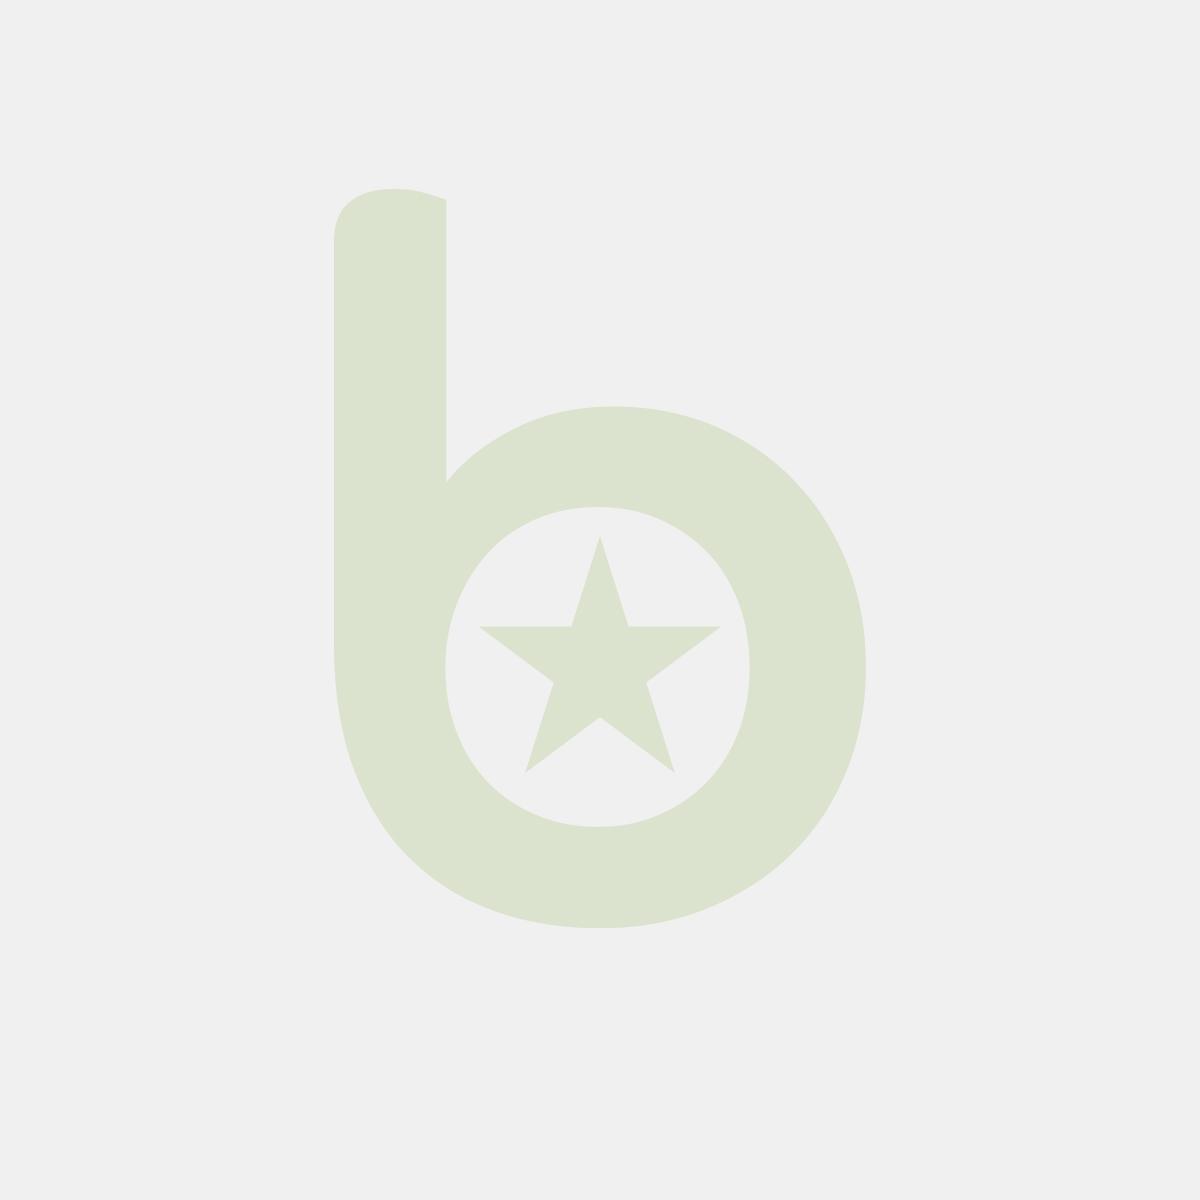 Pokrywka GN 1/1 Budget Line - Kod 800812